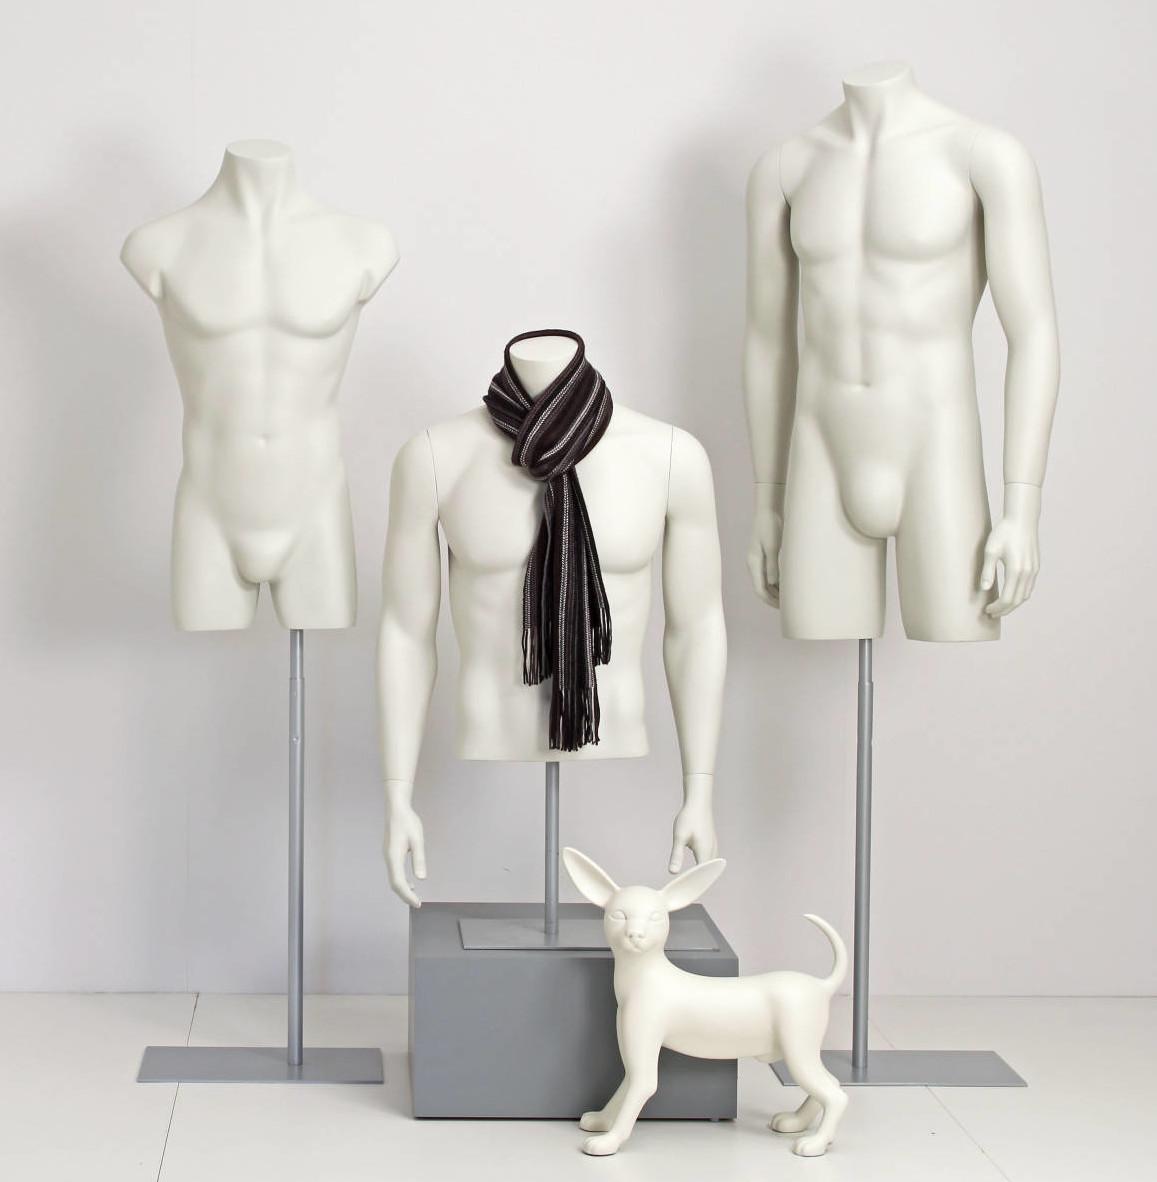 Mannequin torso i lys farve